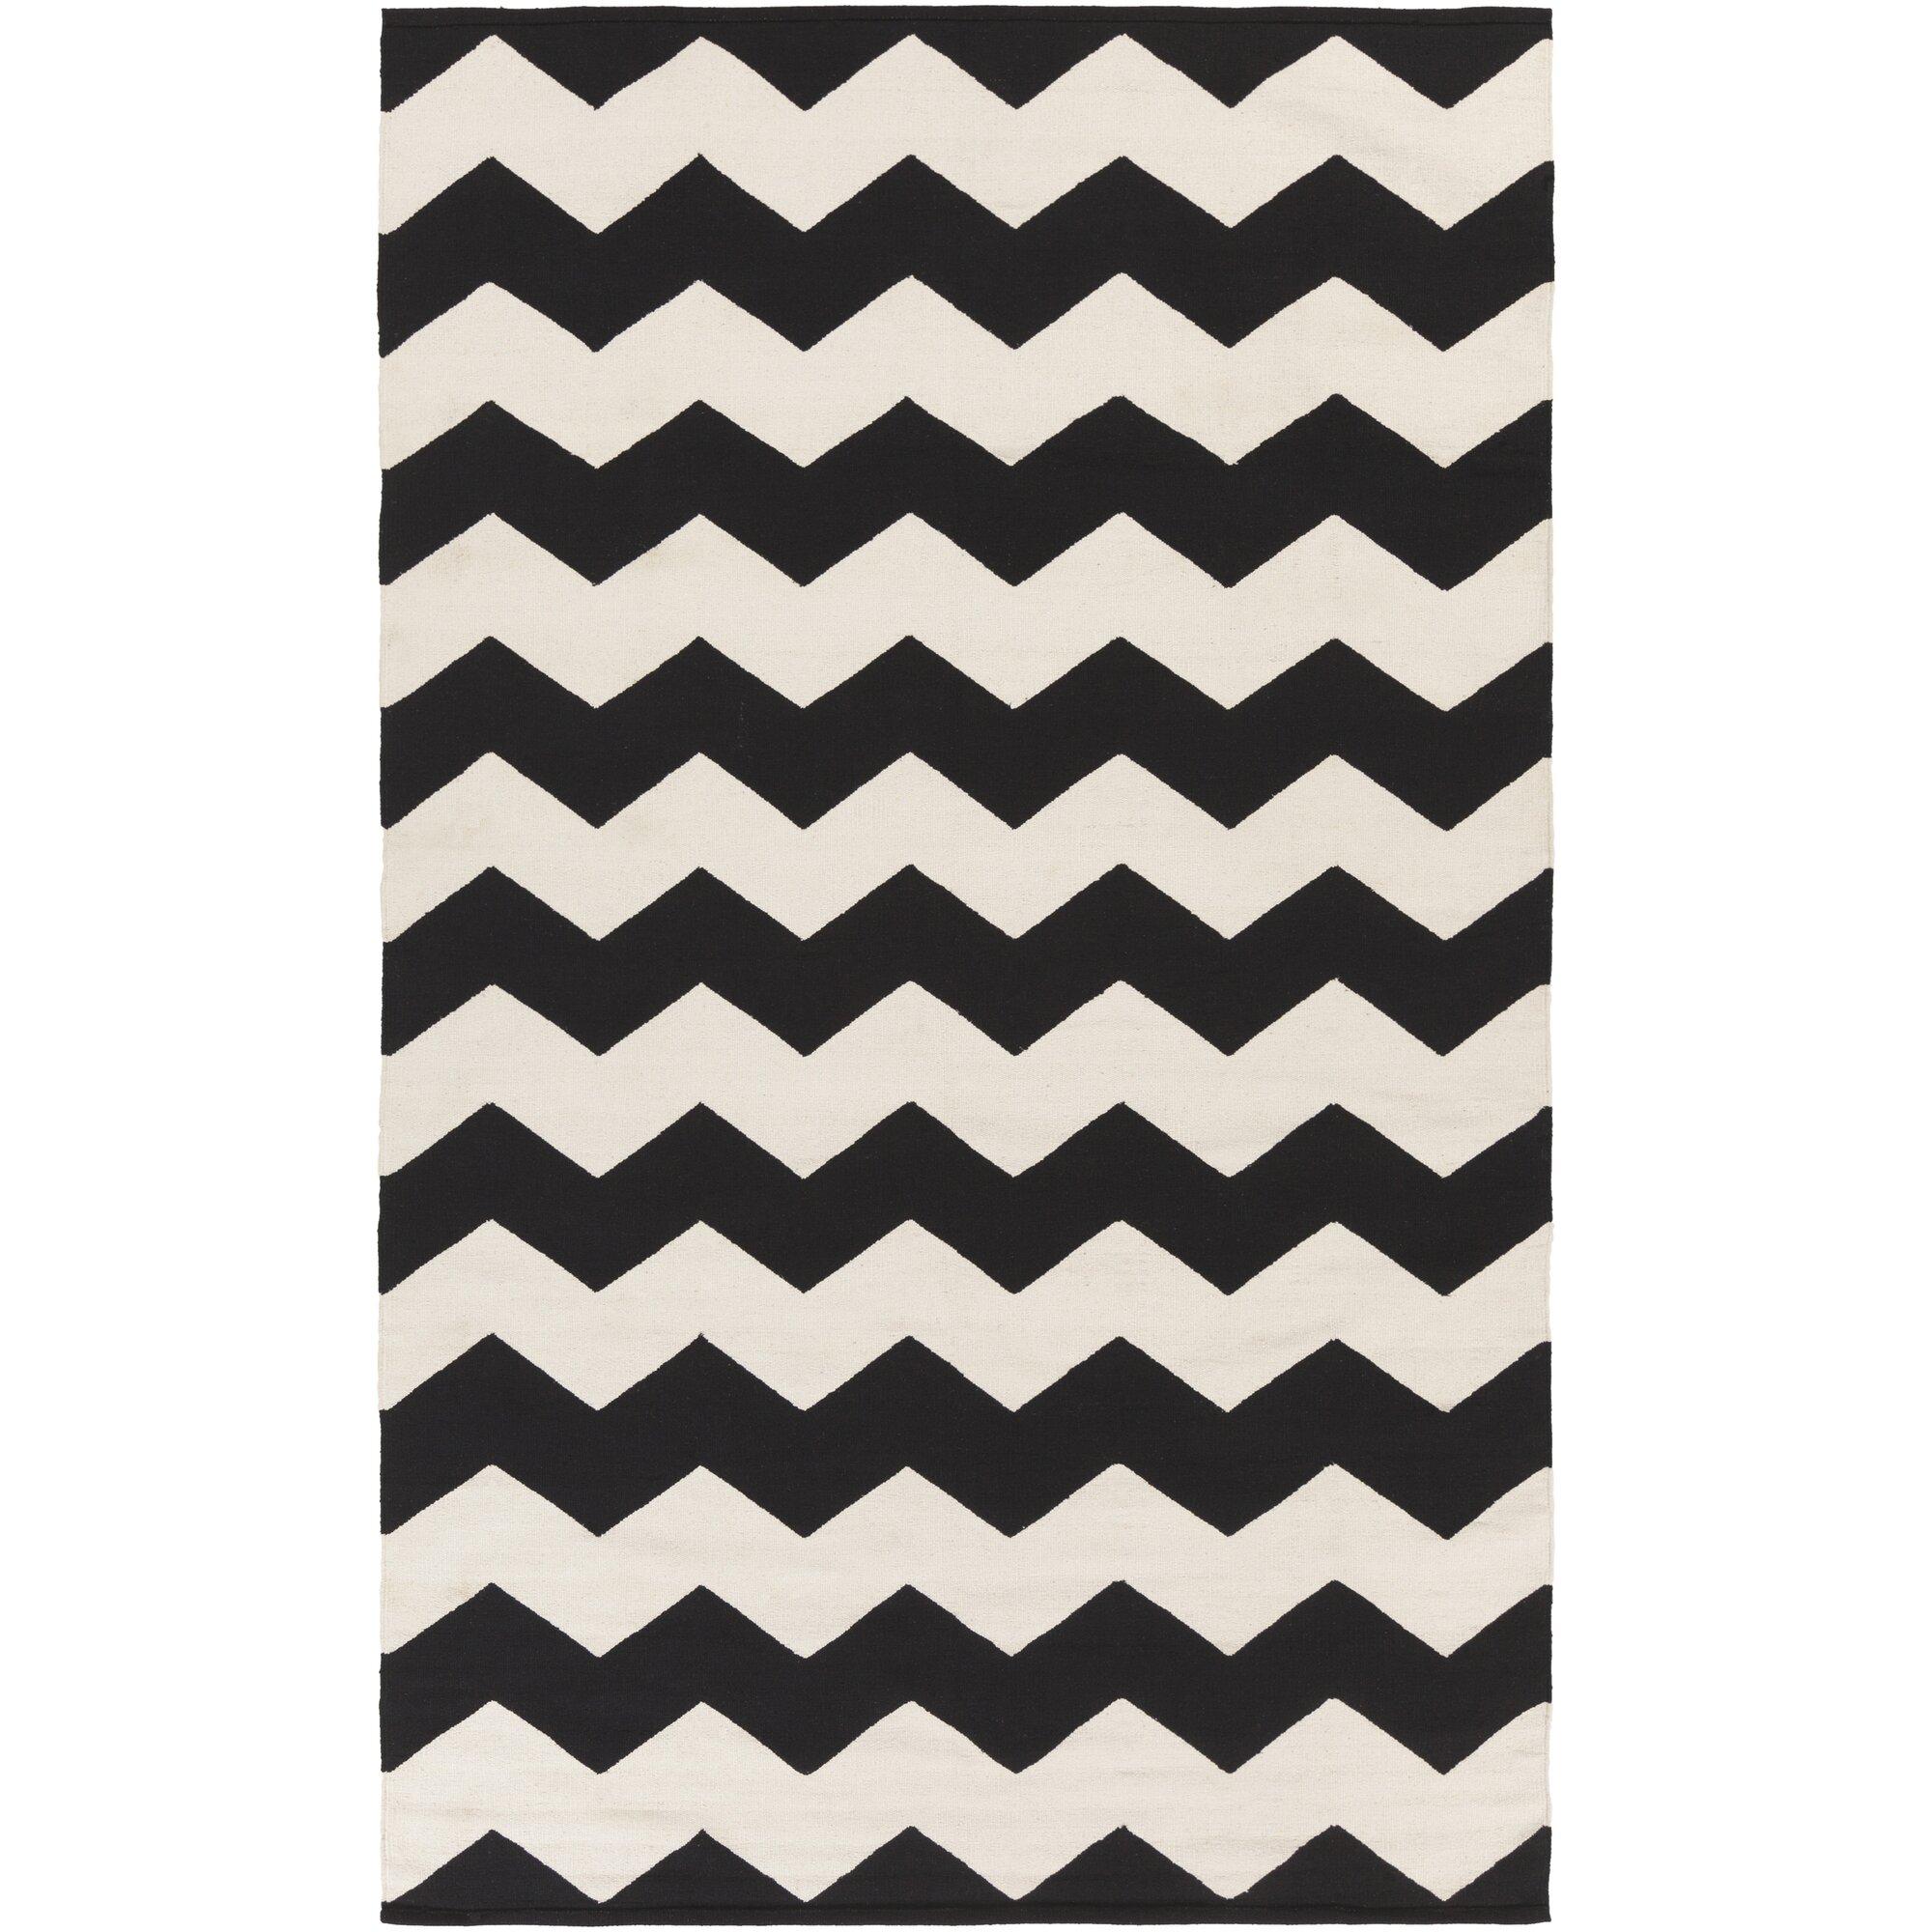 black chevron rugs  rugs ideas - black chevron rug